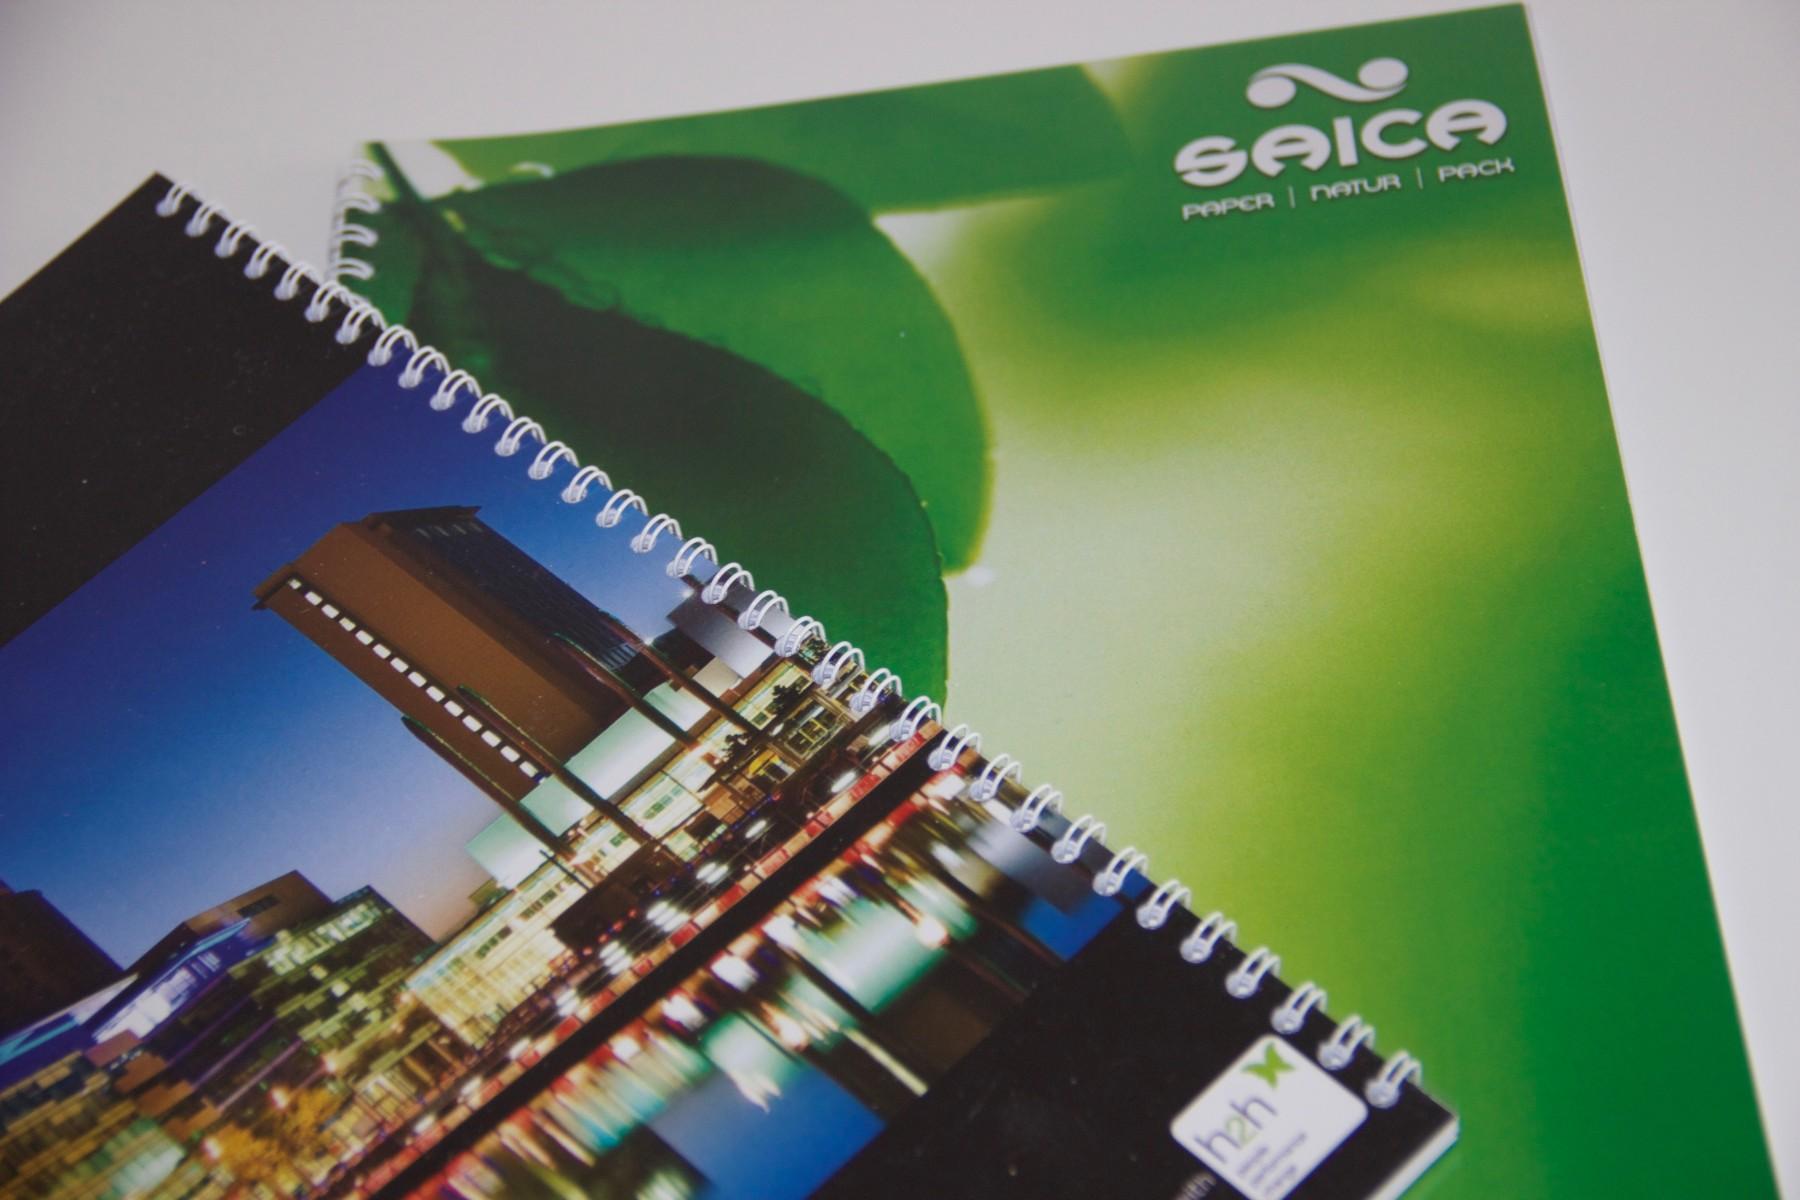 SAICA Paper & Dock10 -Corporate training manuals